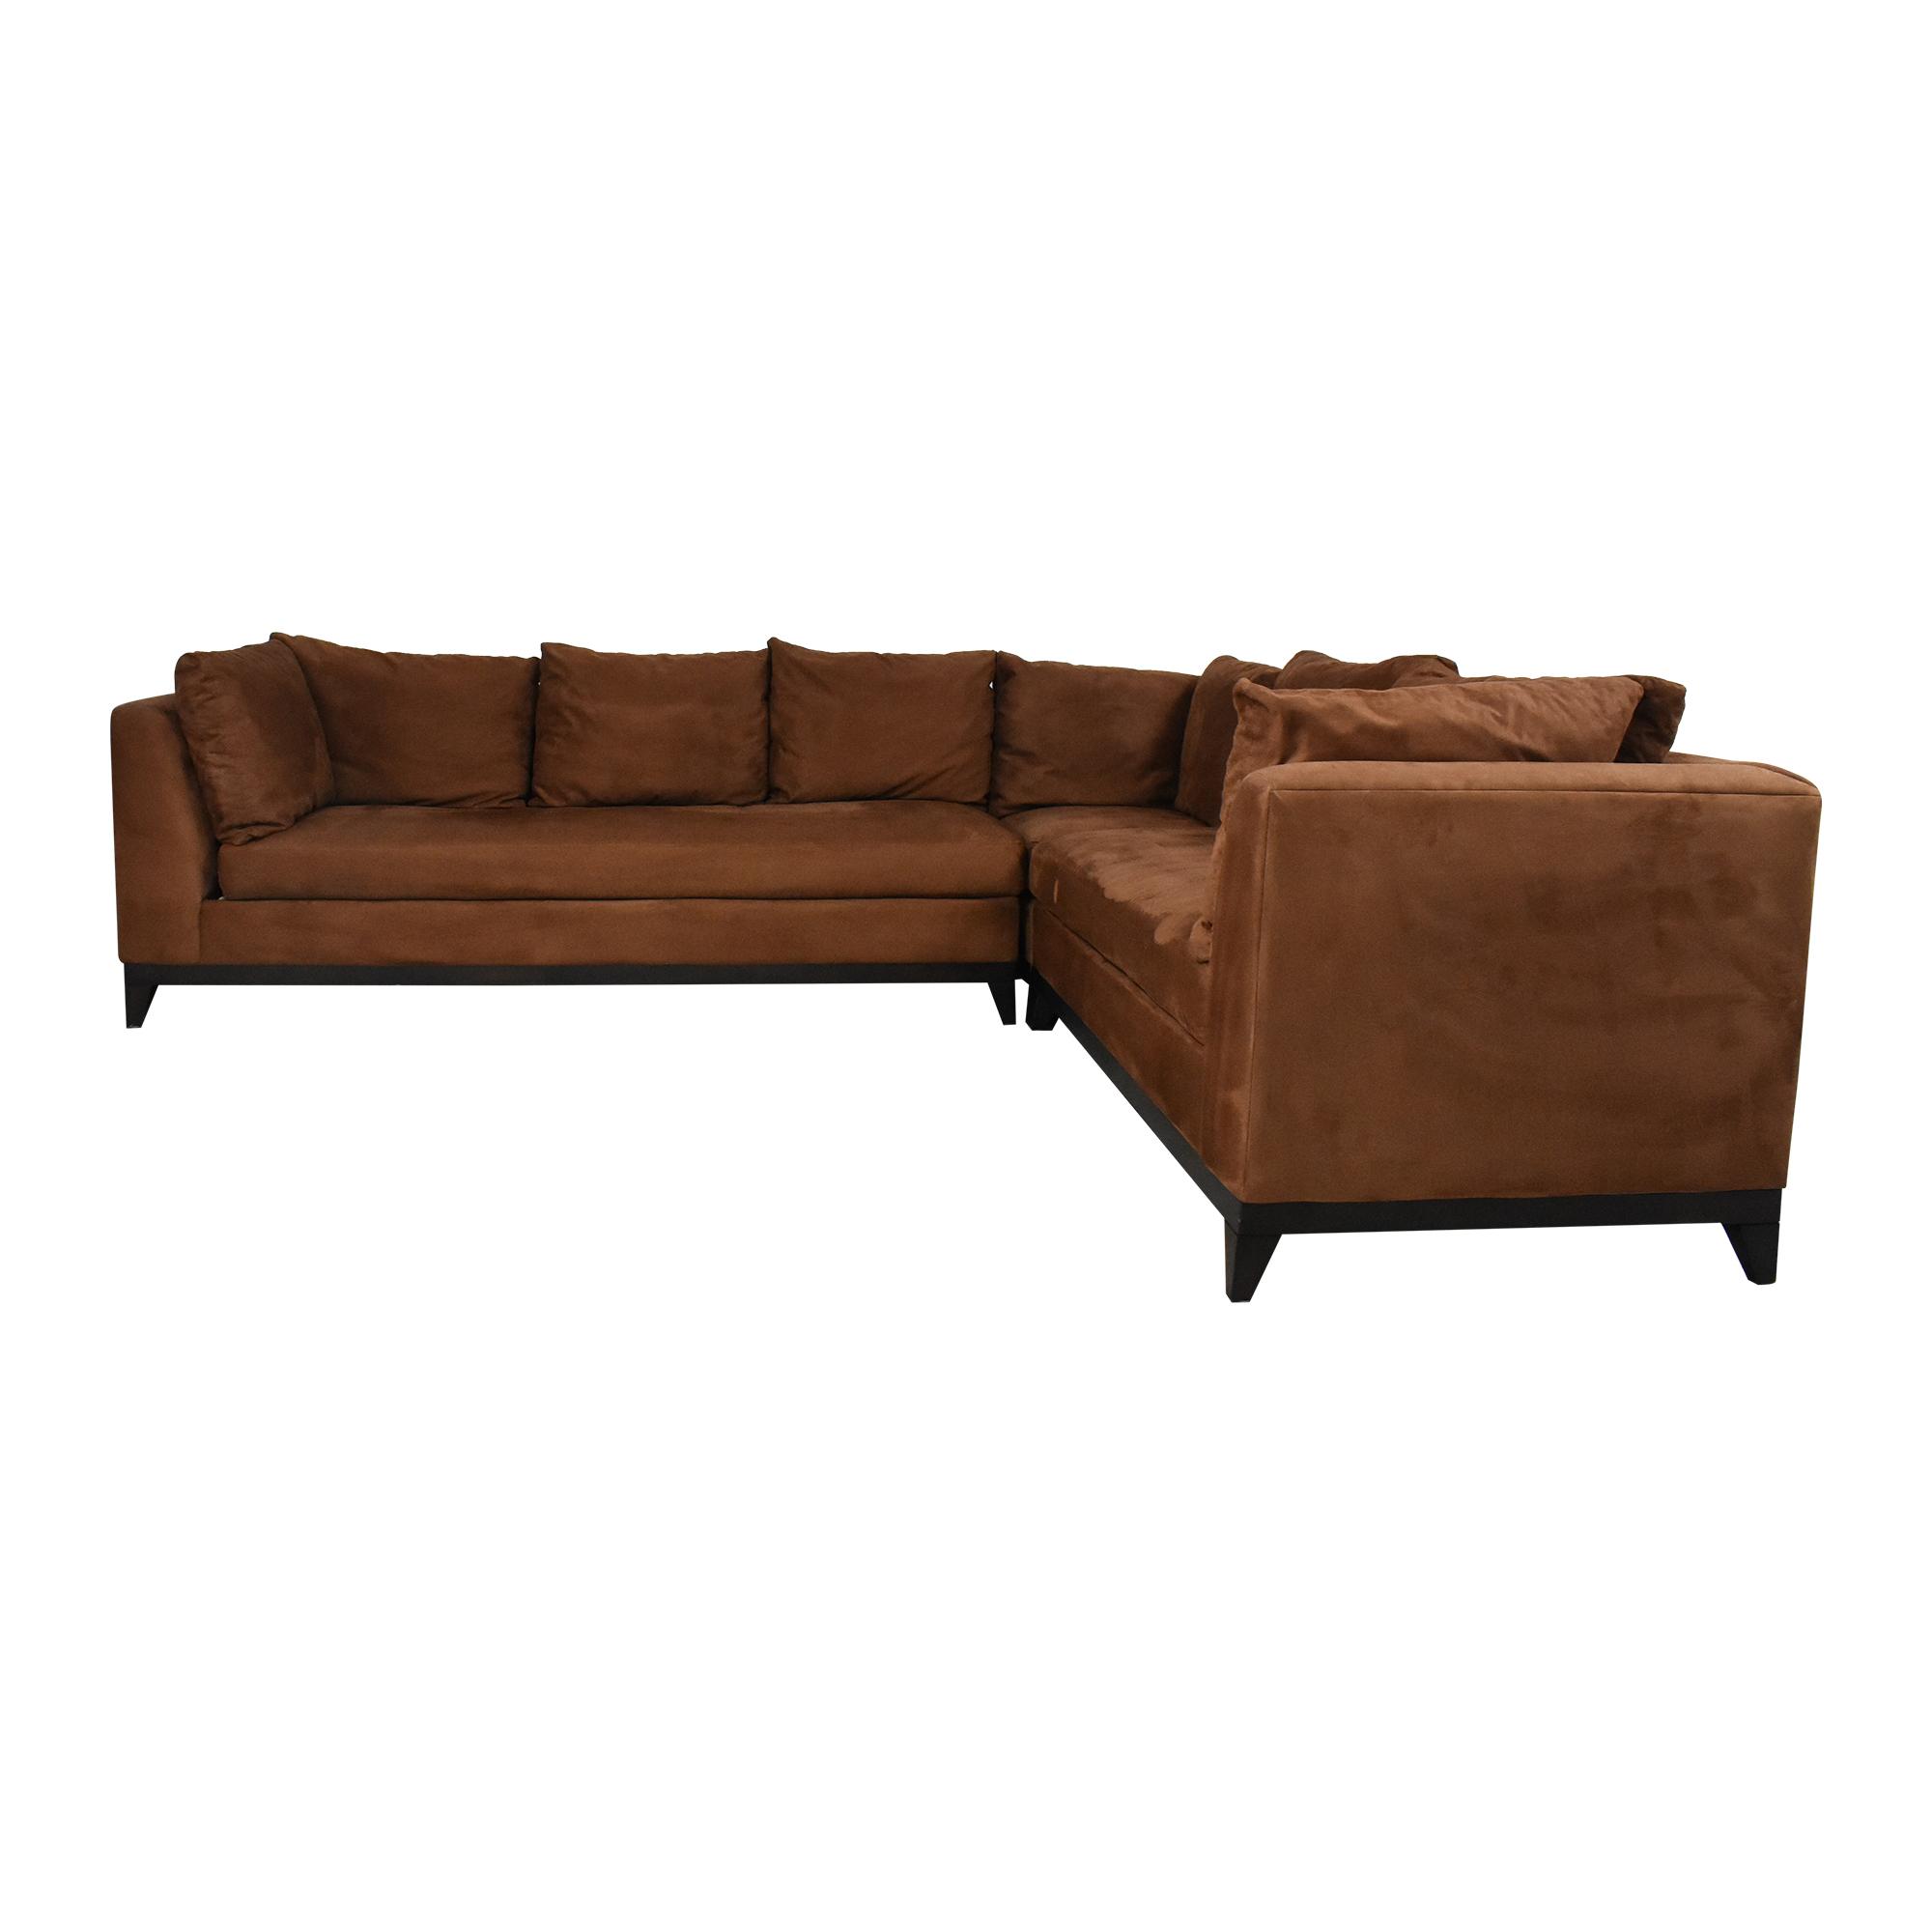 Kravet Kravet Corner Sectional Sofa Sofas